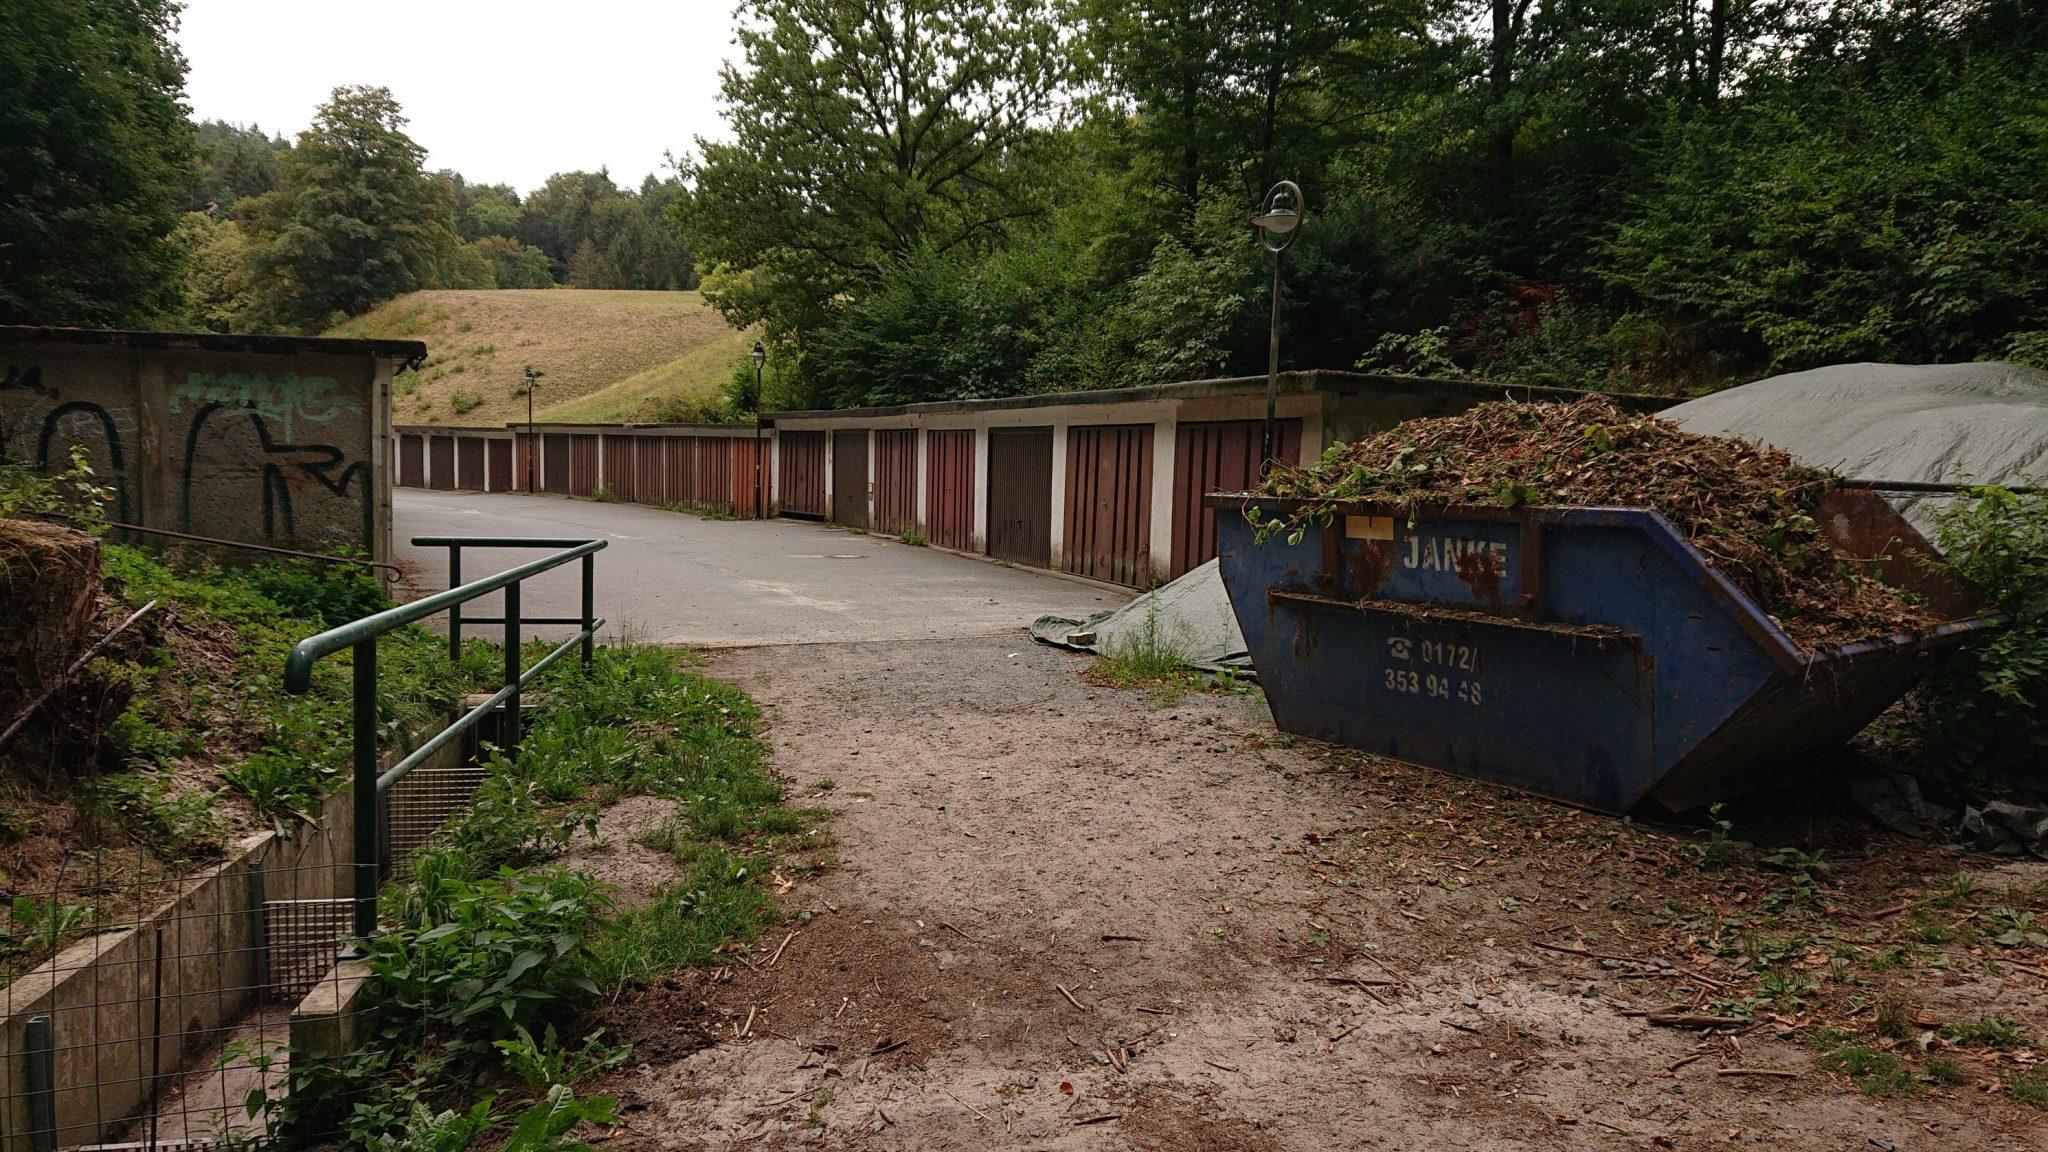 Wanderung durch Polenztal zur Bastei und zu Schwedenlöcher, Kurort Rathen am nicht so schönen Ortseingang